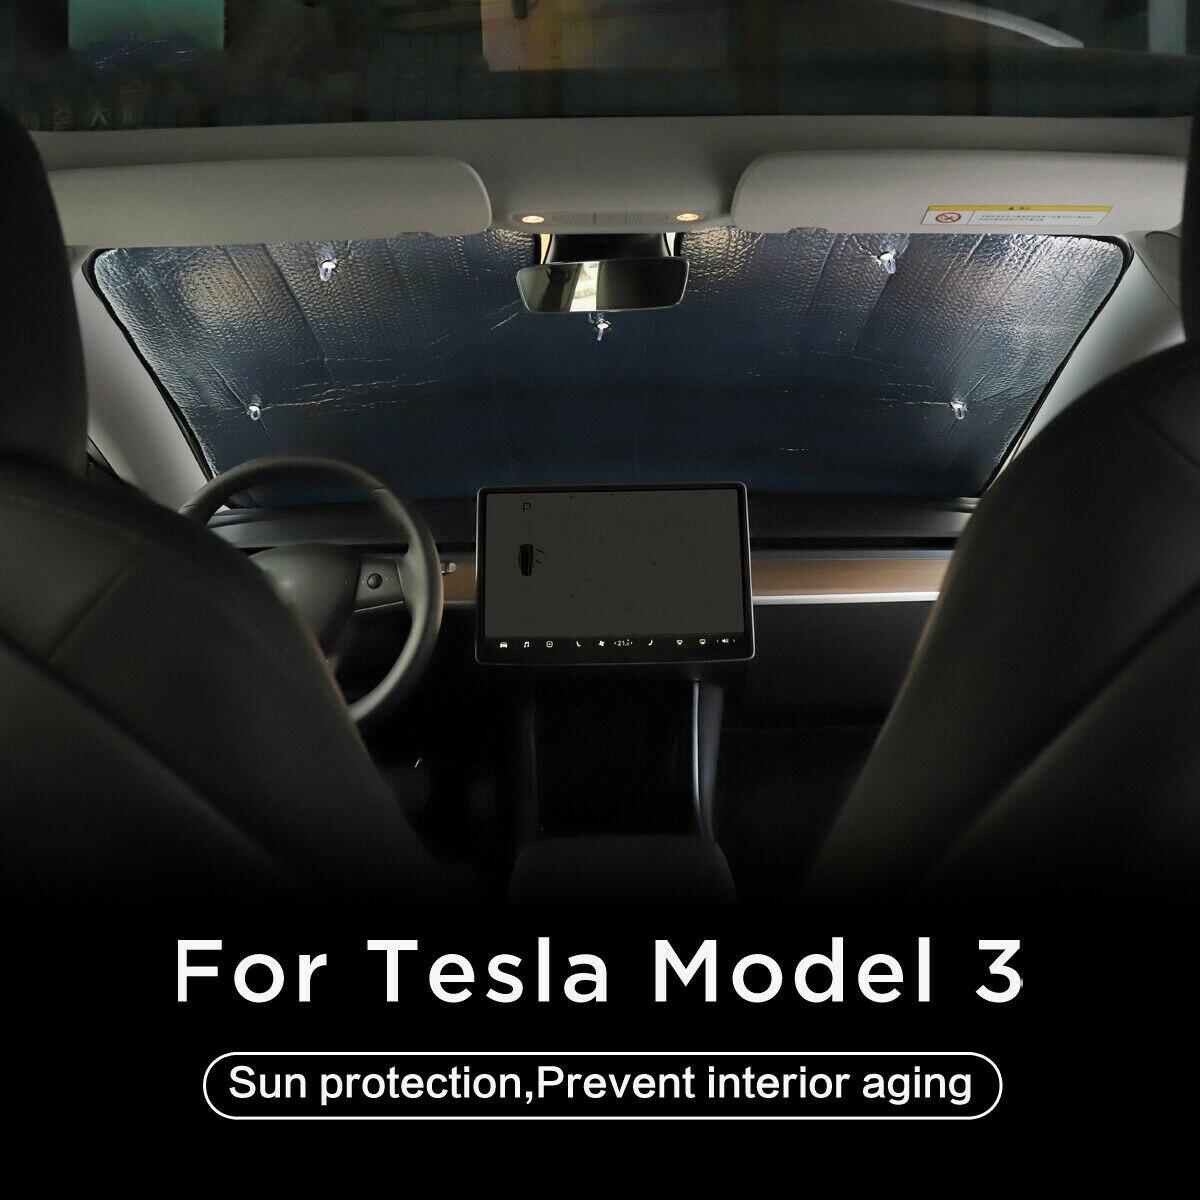 NEUE Front Fenster Windschutzscheibe Sonnenschutz Sonnenschutz Auto Dachfenster Rollo Shading Net frontscheibe für Tesla Modell 3